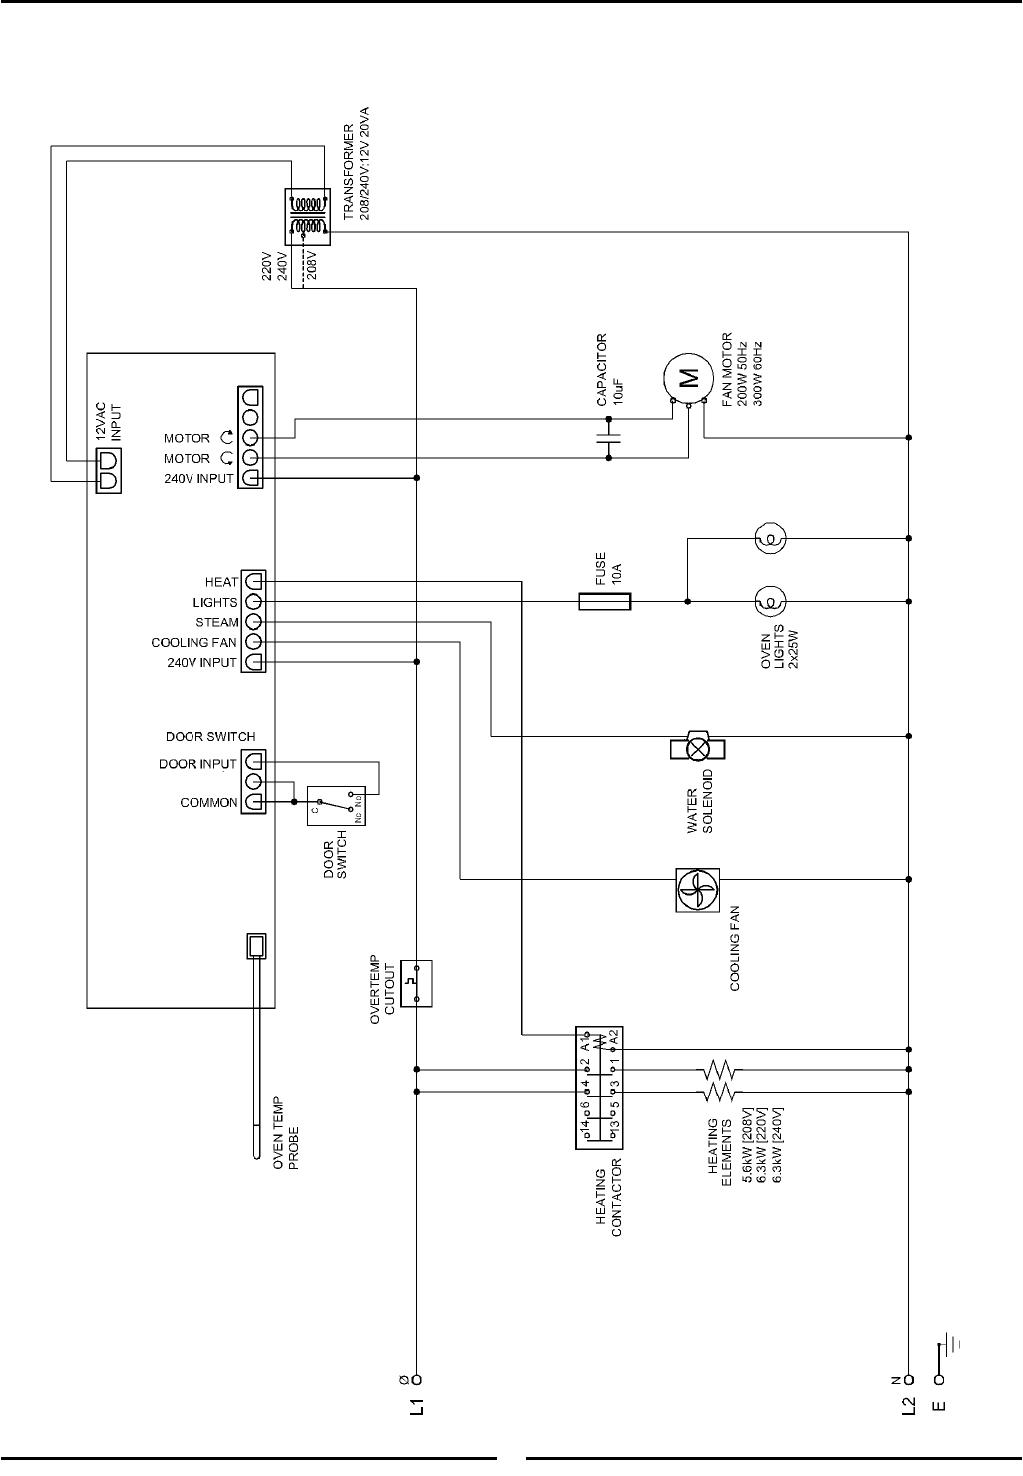 Moffat Wiring Diagram Schematics Wiring Diagrams